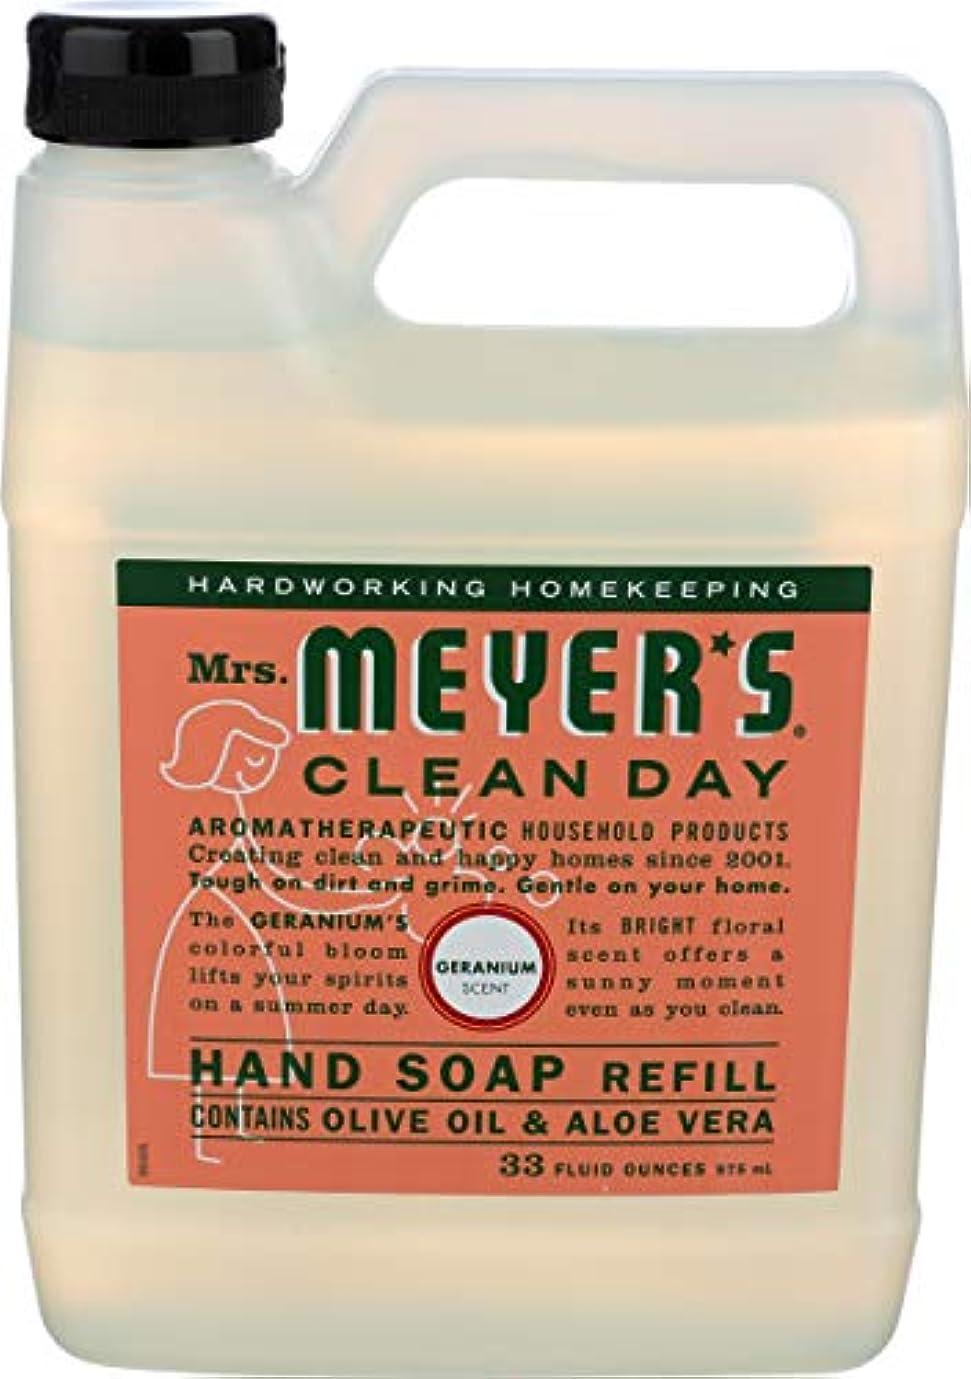 タイト世界に死んだ連合MRS. MEYER'S HAND SOAP,LIQ,REFL,GERANM, 33 FZ by Mrs. Meyers